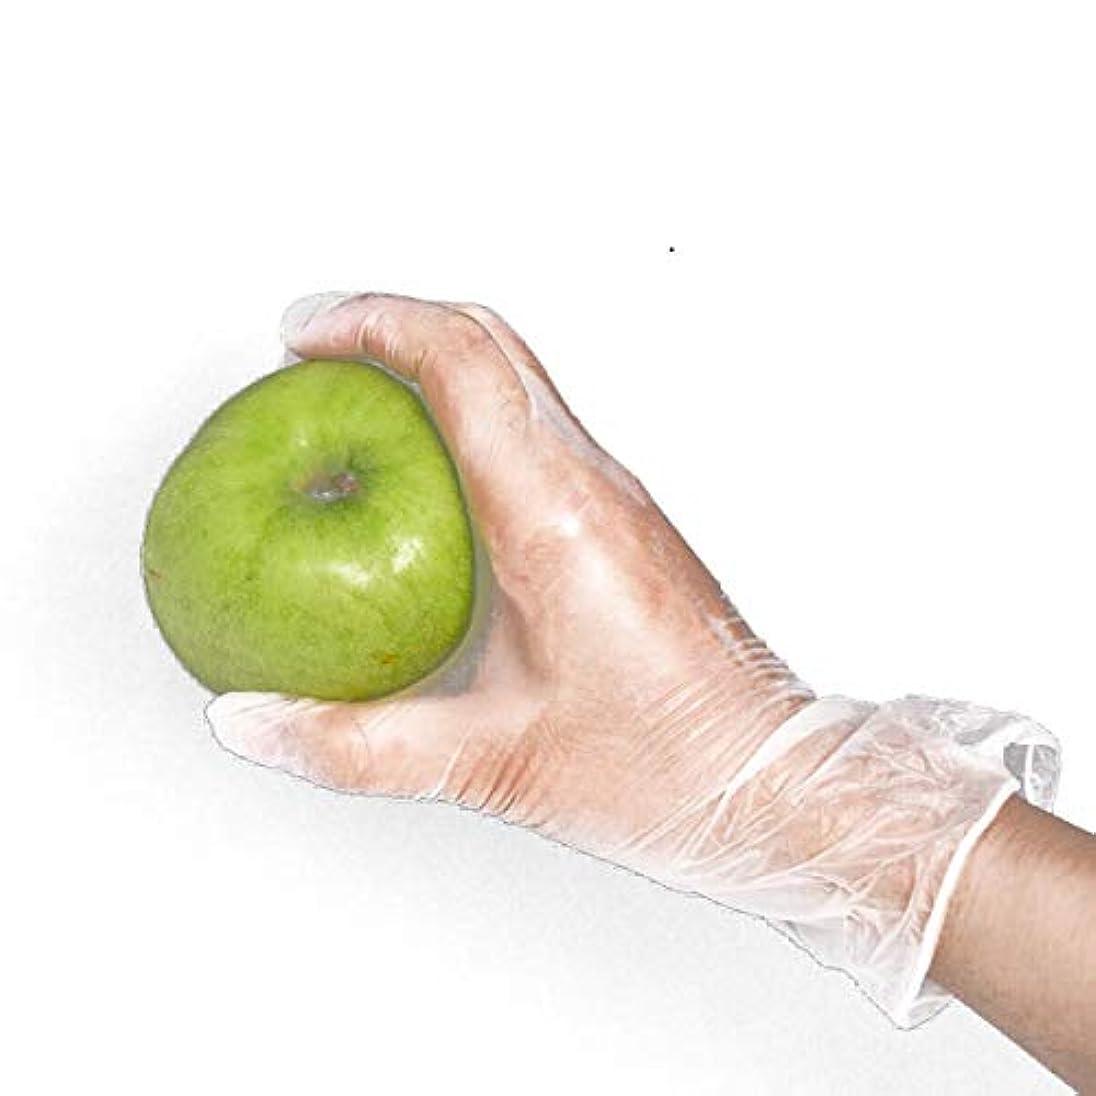 すべき疼痛泥沼[FJTK]使い捨て手袋 透明 100枚入 ホワイト  医療 美容 科学実験 (M)